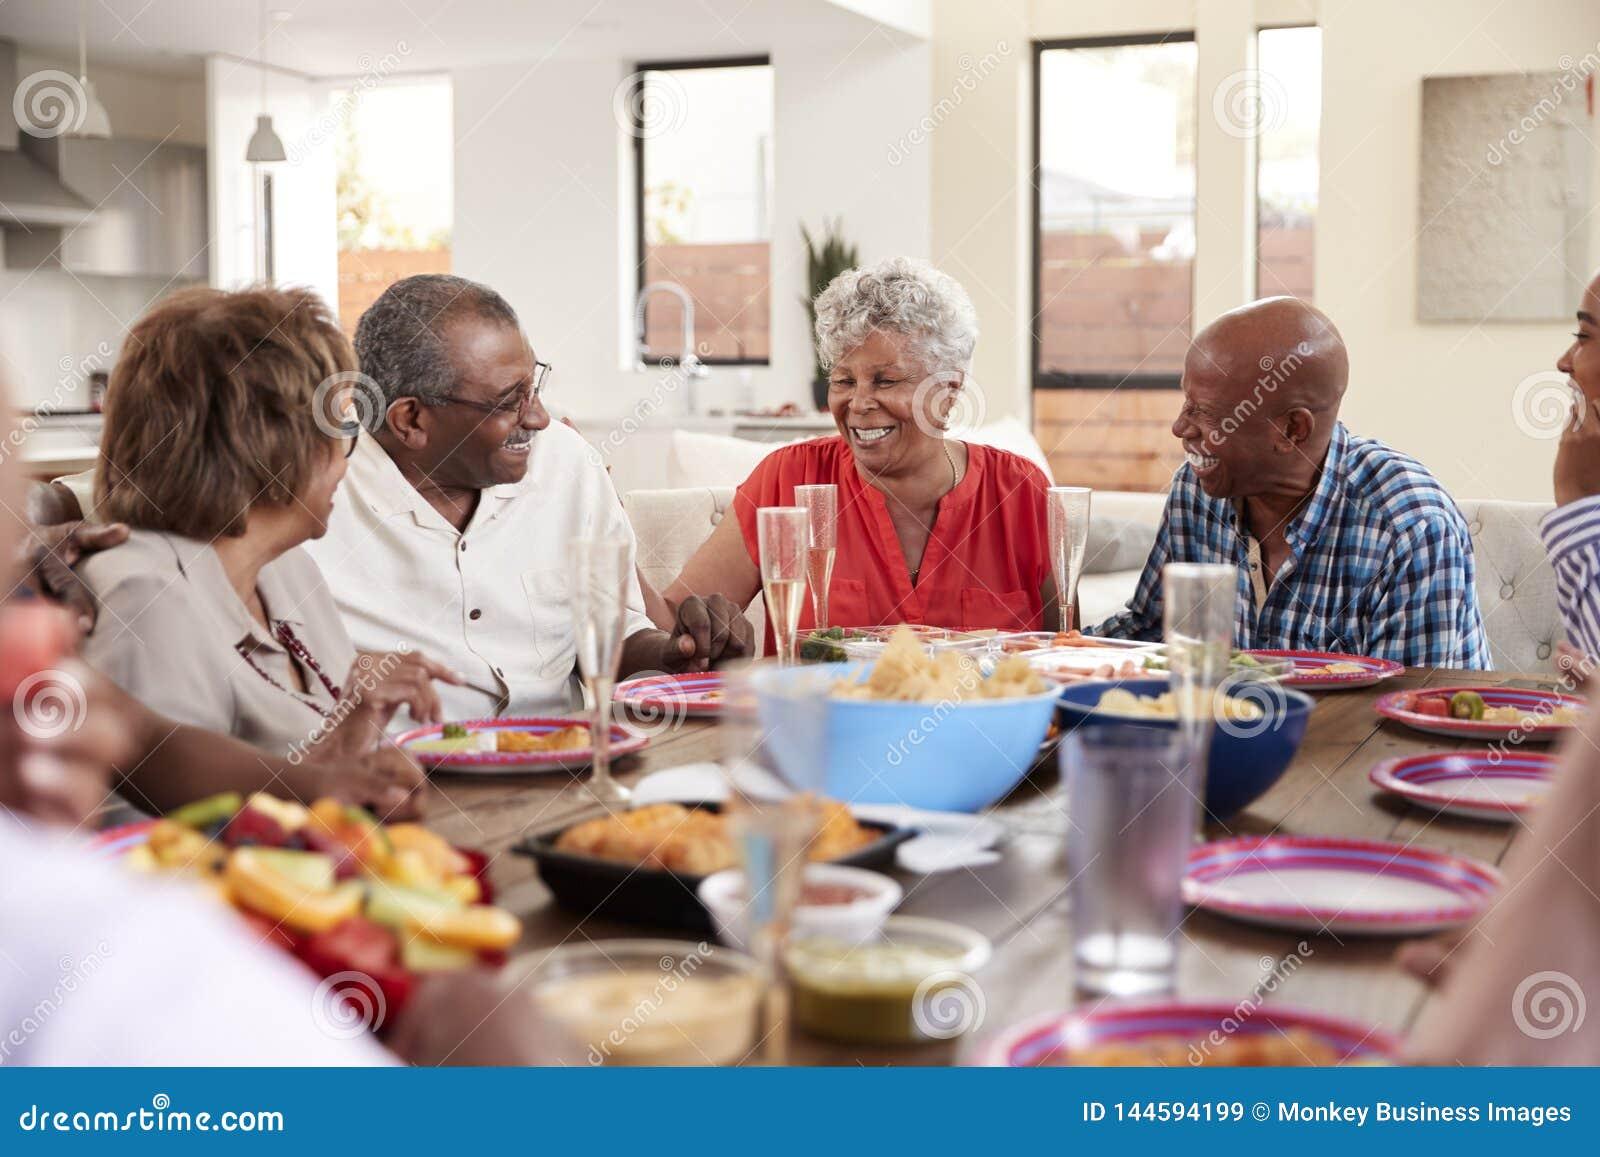 Ο παππούς που κατασκευάζει μια φρυγανιά στεμένος στο γεύμα να παρουσιάσει τον εορτασμό με την οικογένειά του, κλείνει επάνω